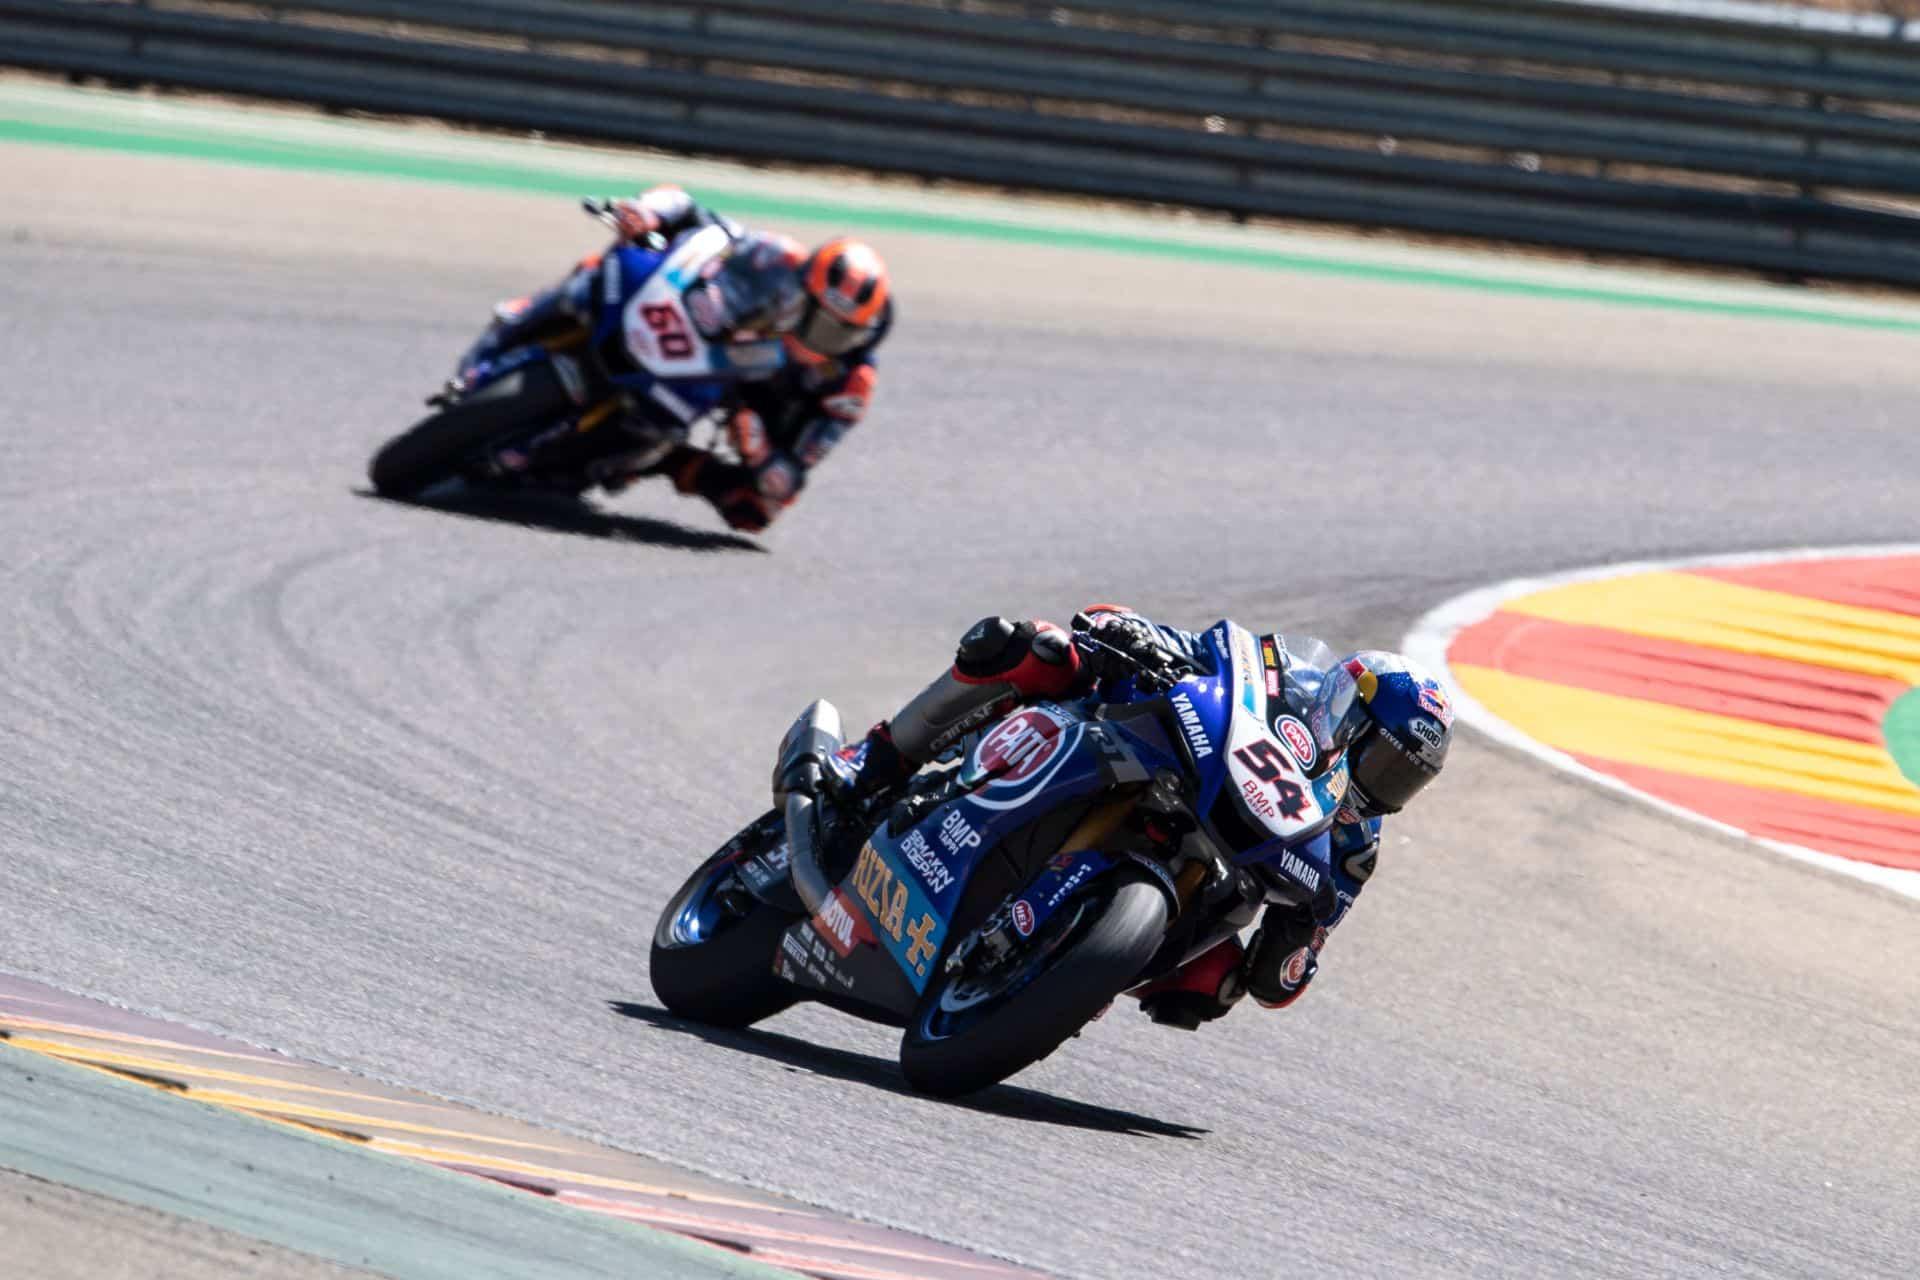 スーパーバイク世界選手権 テルエル戦レース1 5位ラズガトリオグル「前のグループについていくことができなかった」